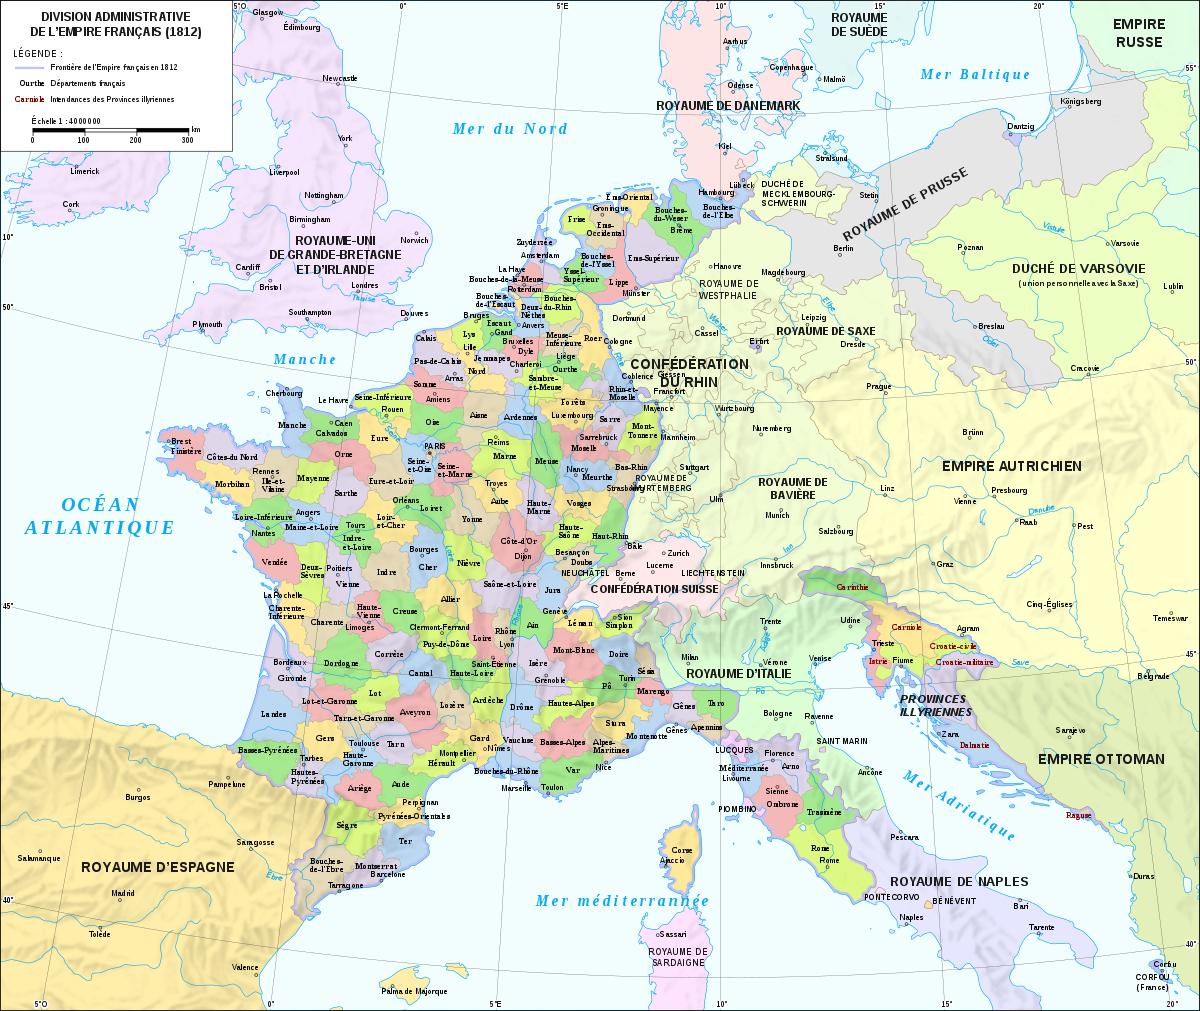 Liste Des Départements Français De 1811 — Wikipédia concernant Les Numéros Des Départements